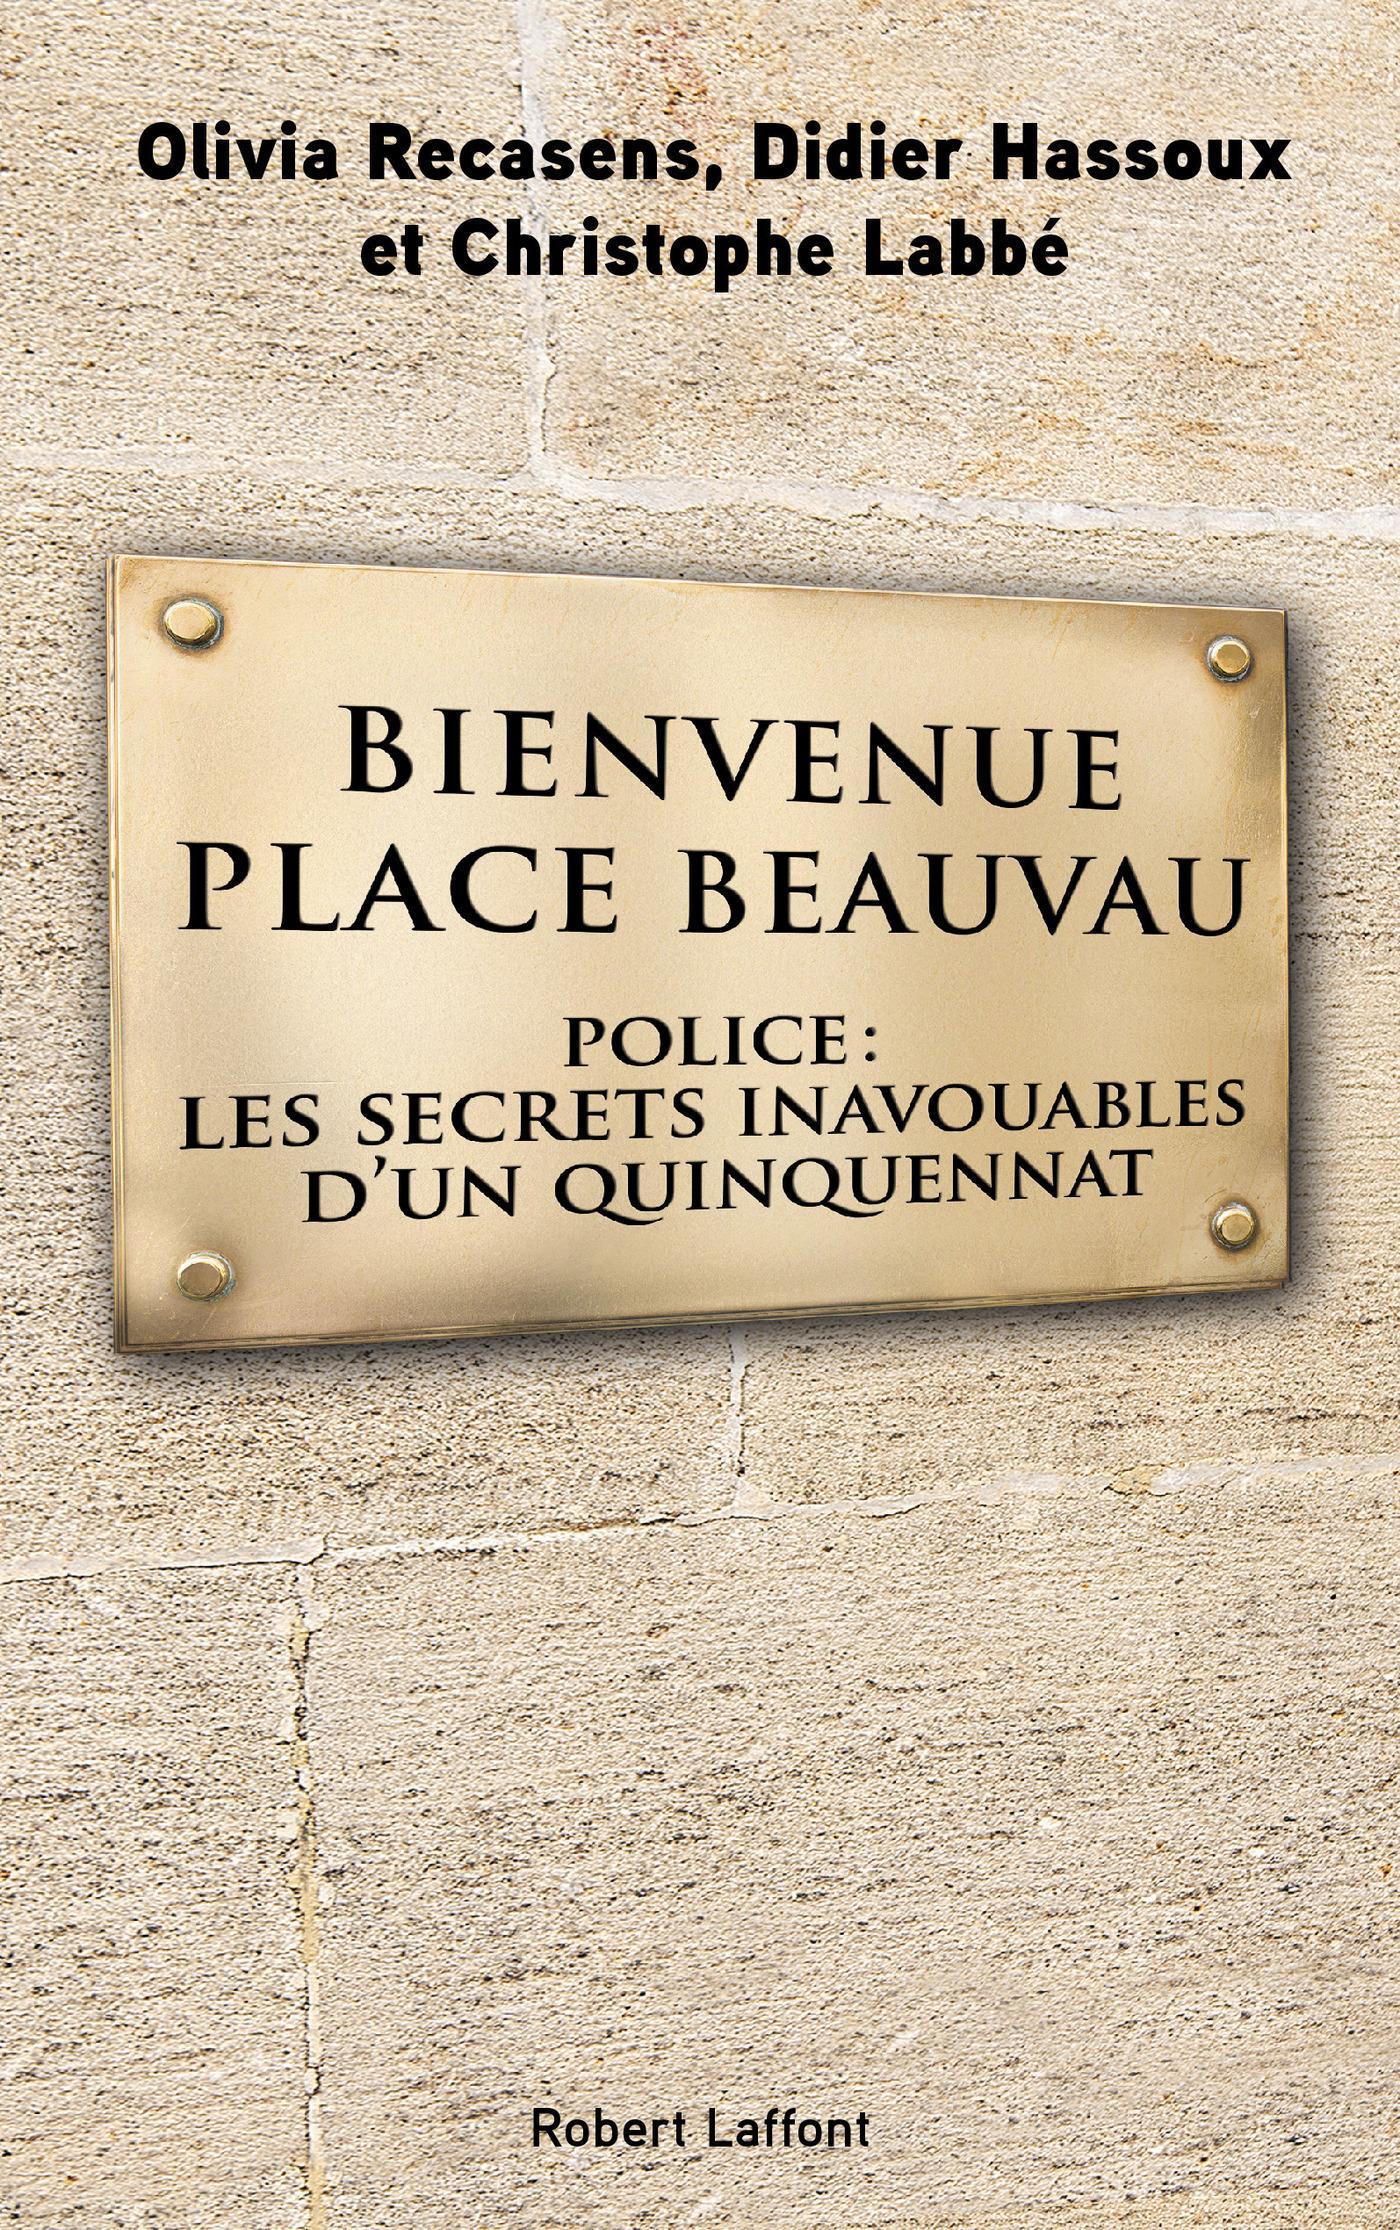 Bienvenue Place Beauvau | HASSOUX, Didier